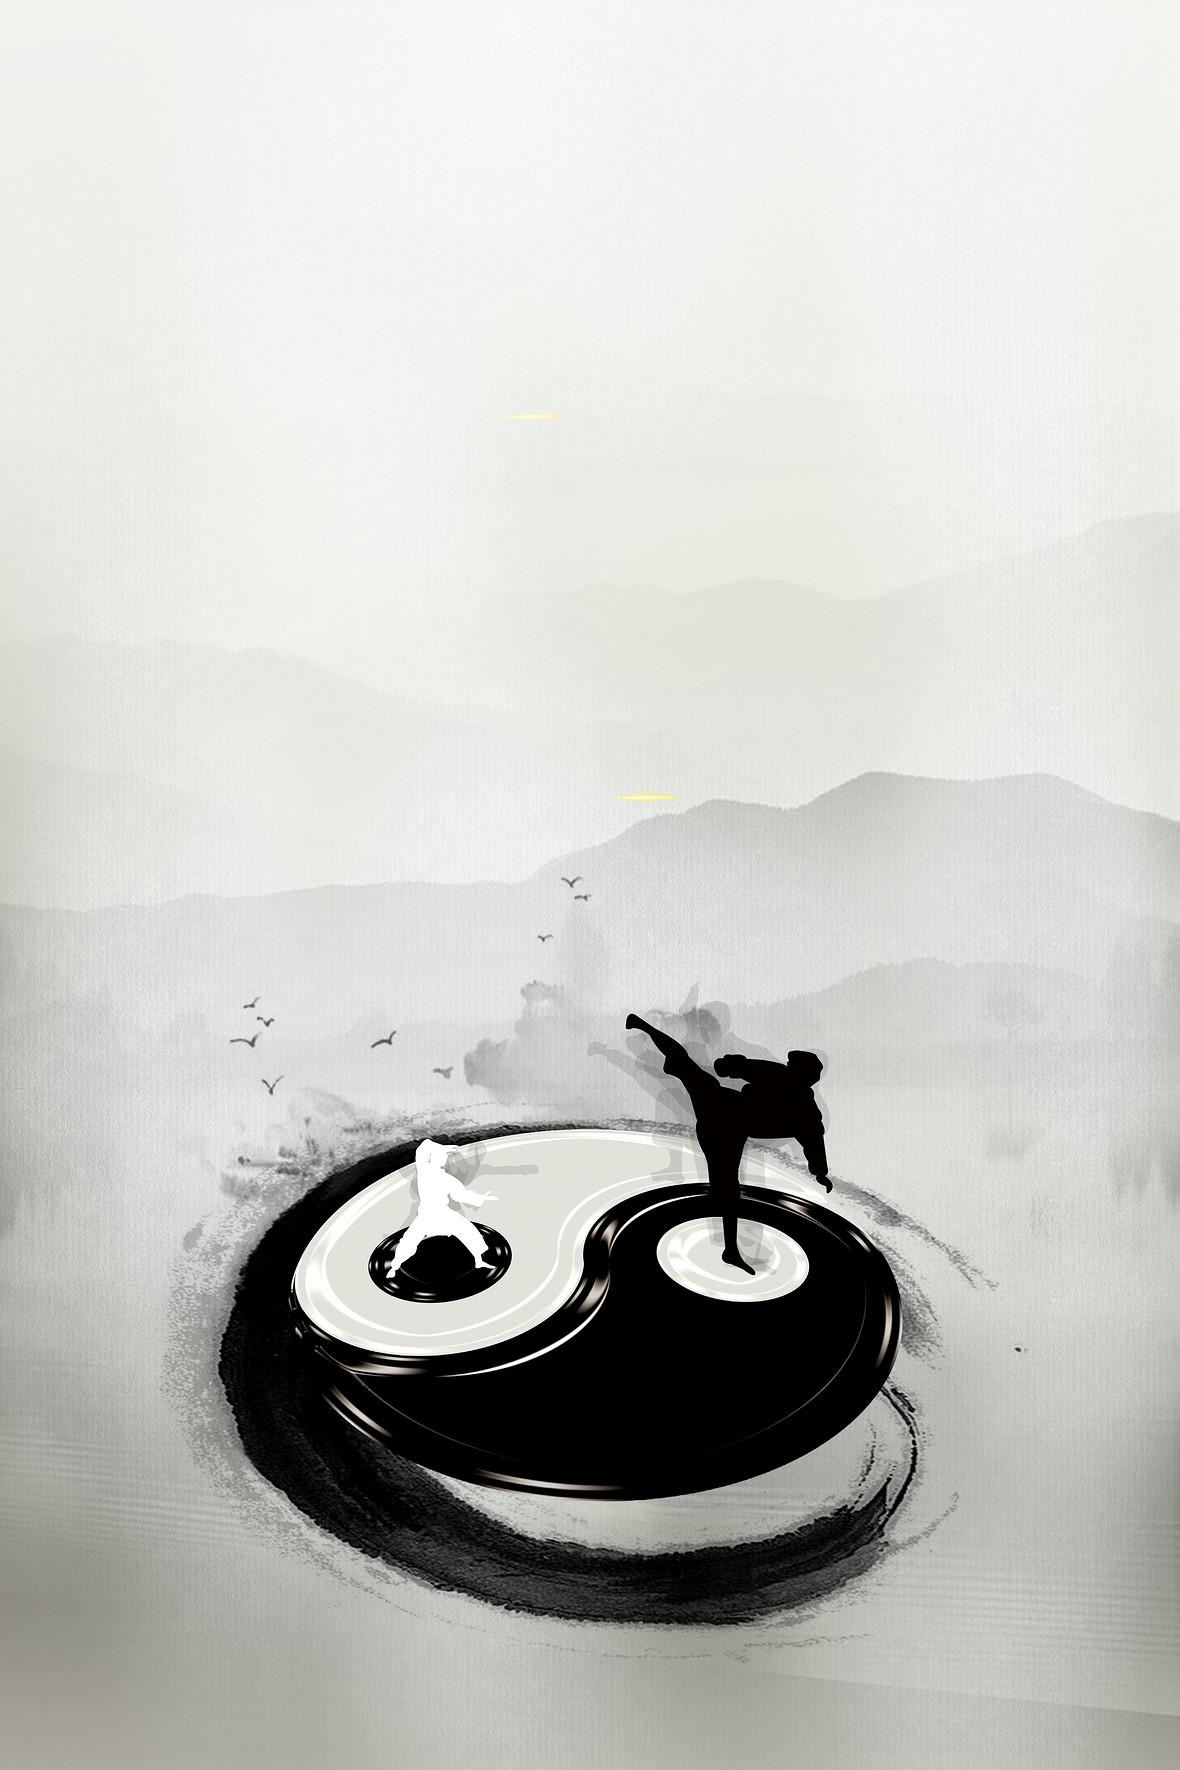 中国风水墨中医太极养生文化海报背景素材